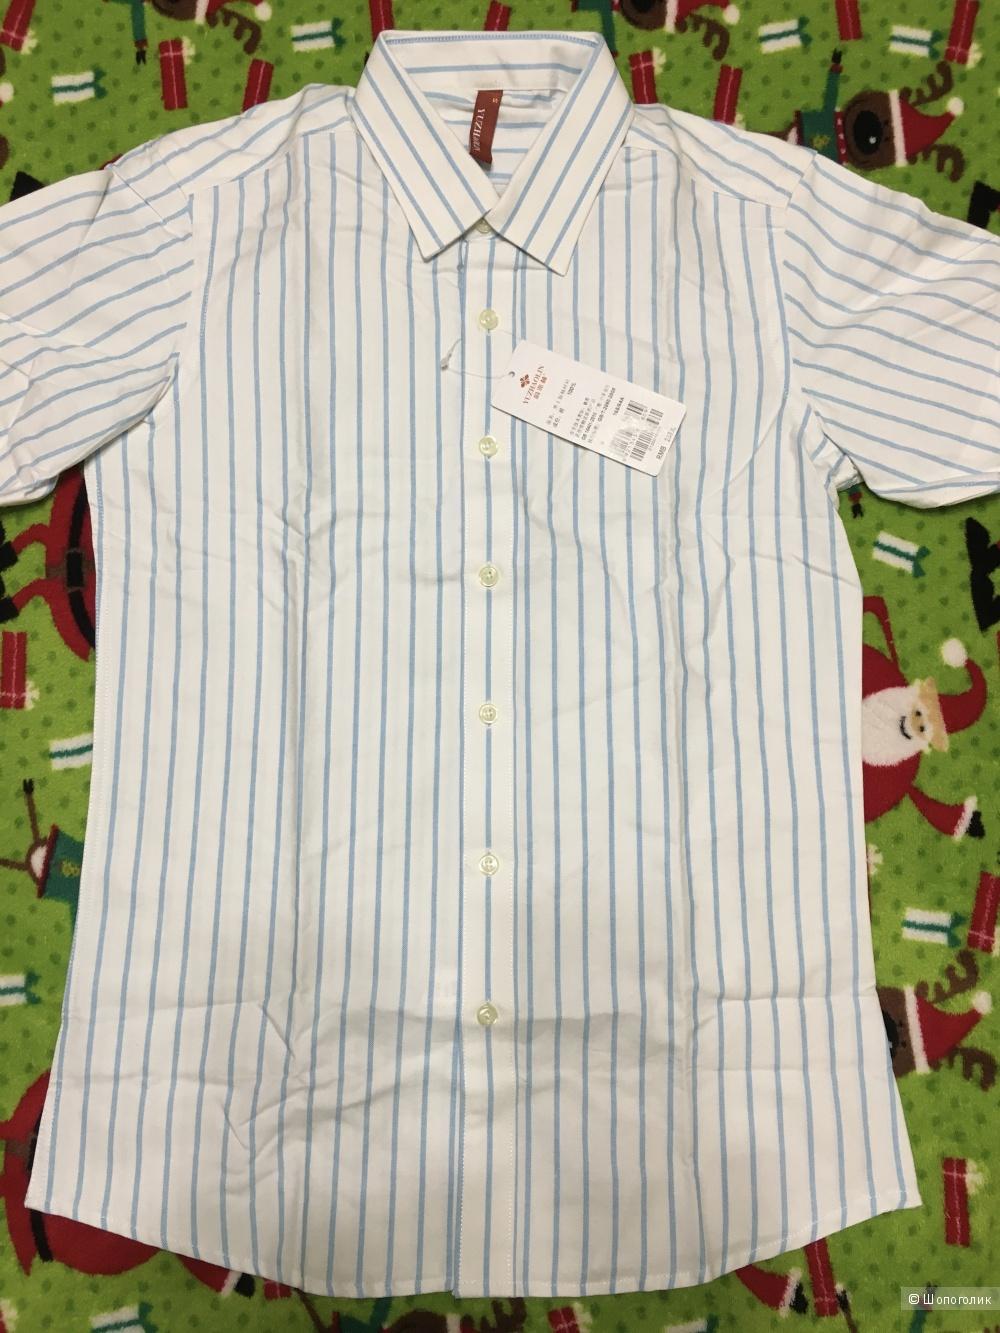 Детская рубашка с коротким рукавом, размер S, на 13-14 лет.